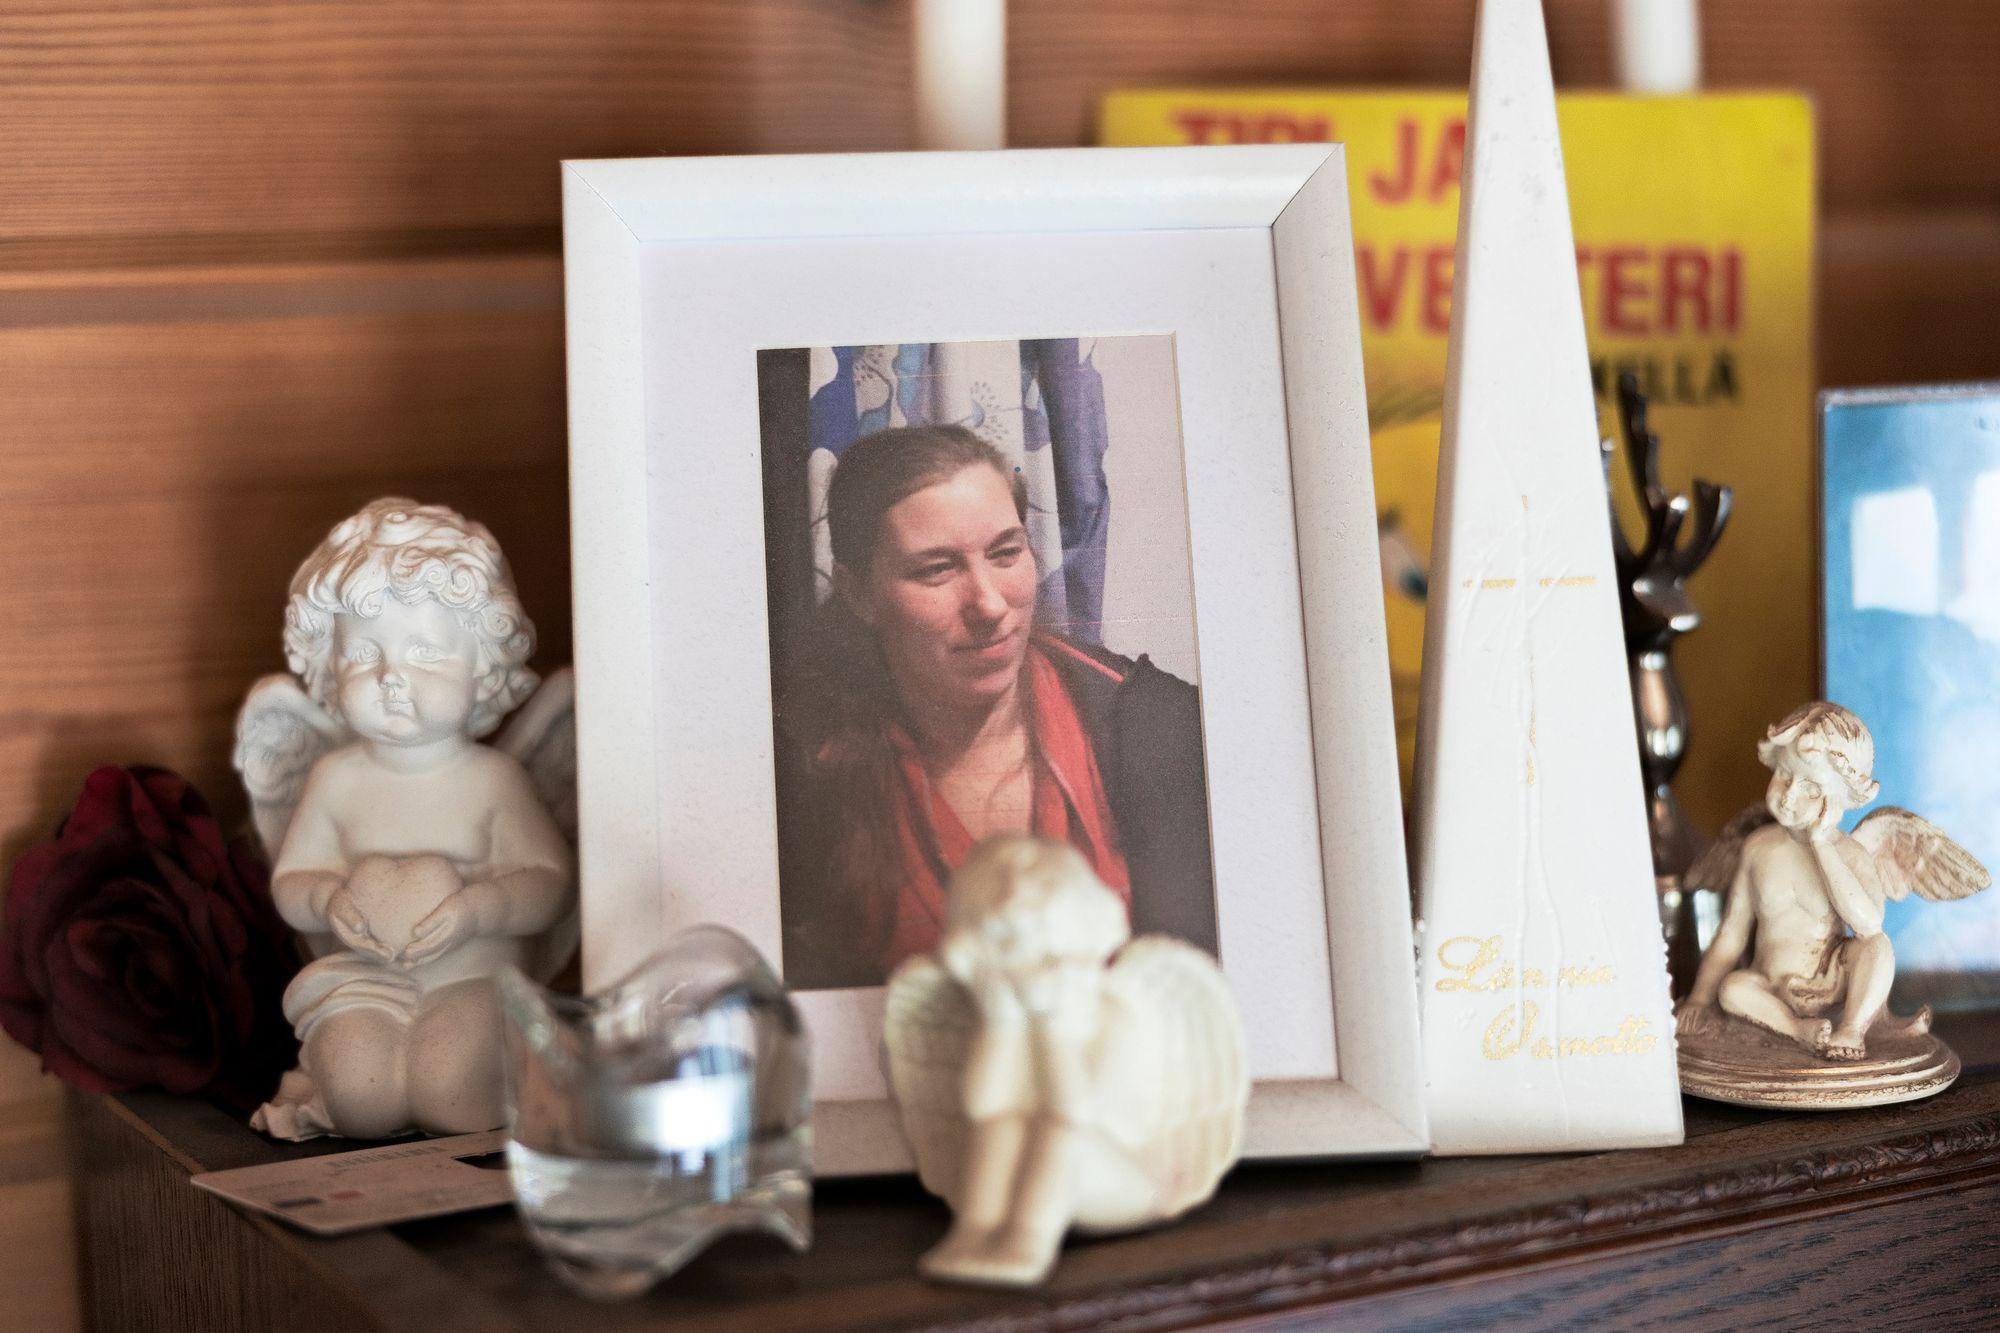 Satu Väänänen menehtyi äkillisesti 37-vuotiaana. Perhettä kohtasi suuri suru. © Matias Honkamaa